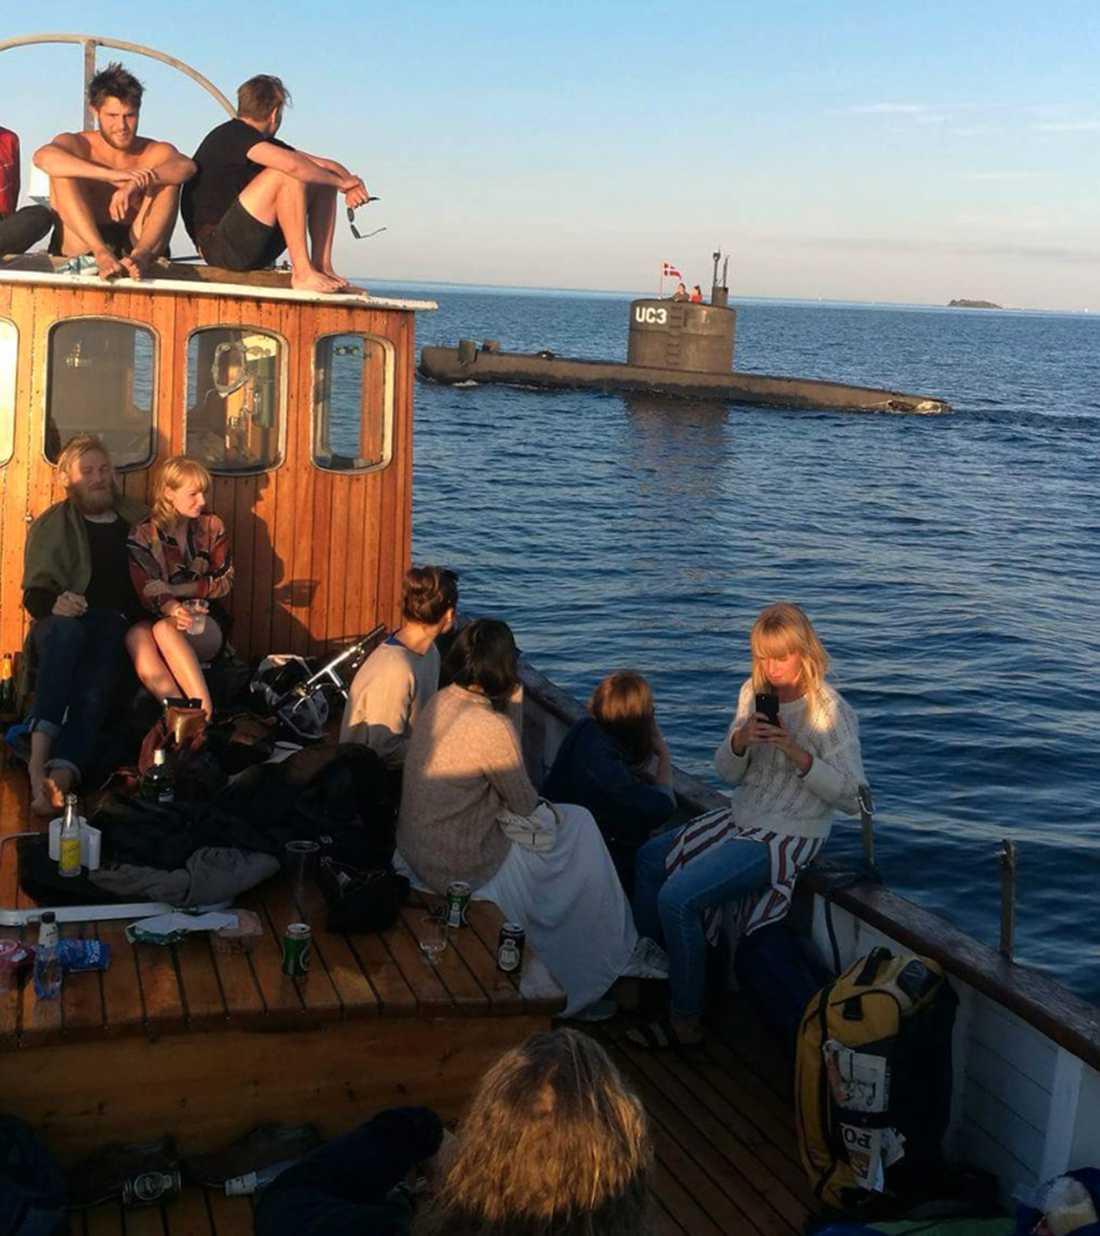 Johan Rasmussen arbetade på en födelsedagsfest på en båt när de stötte på ubåten.